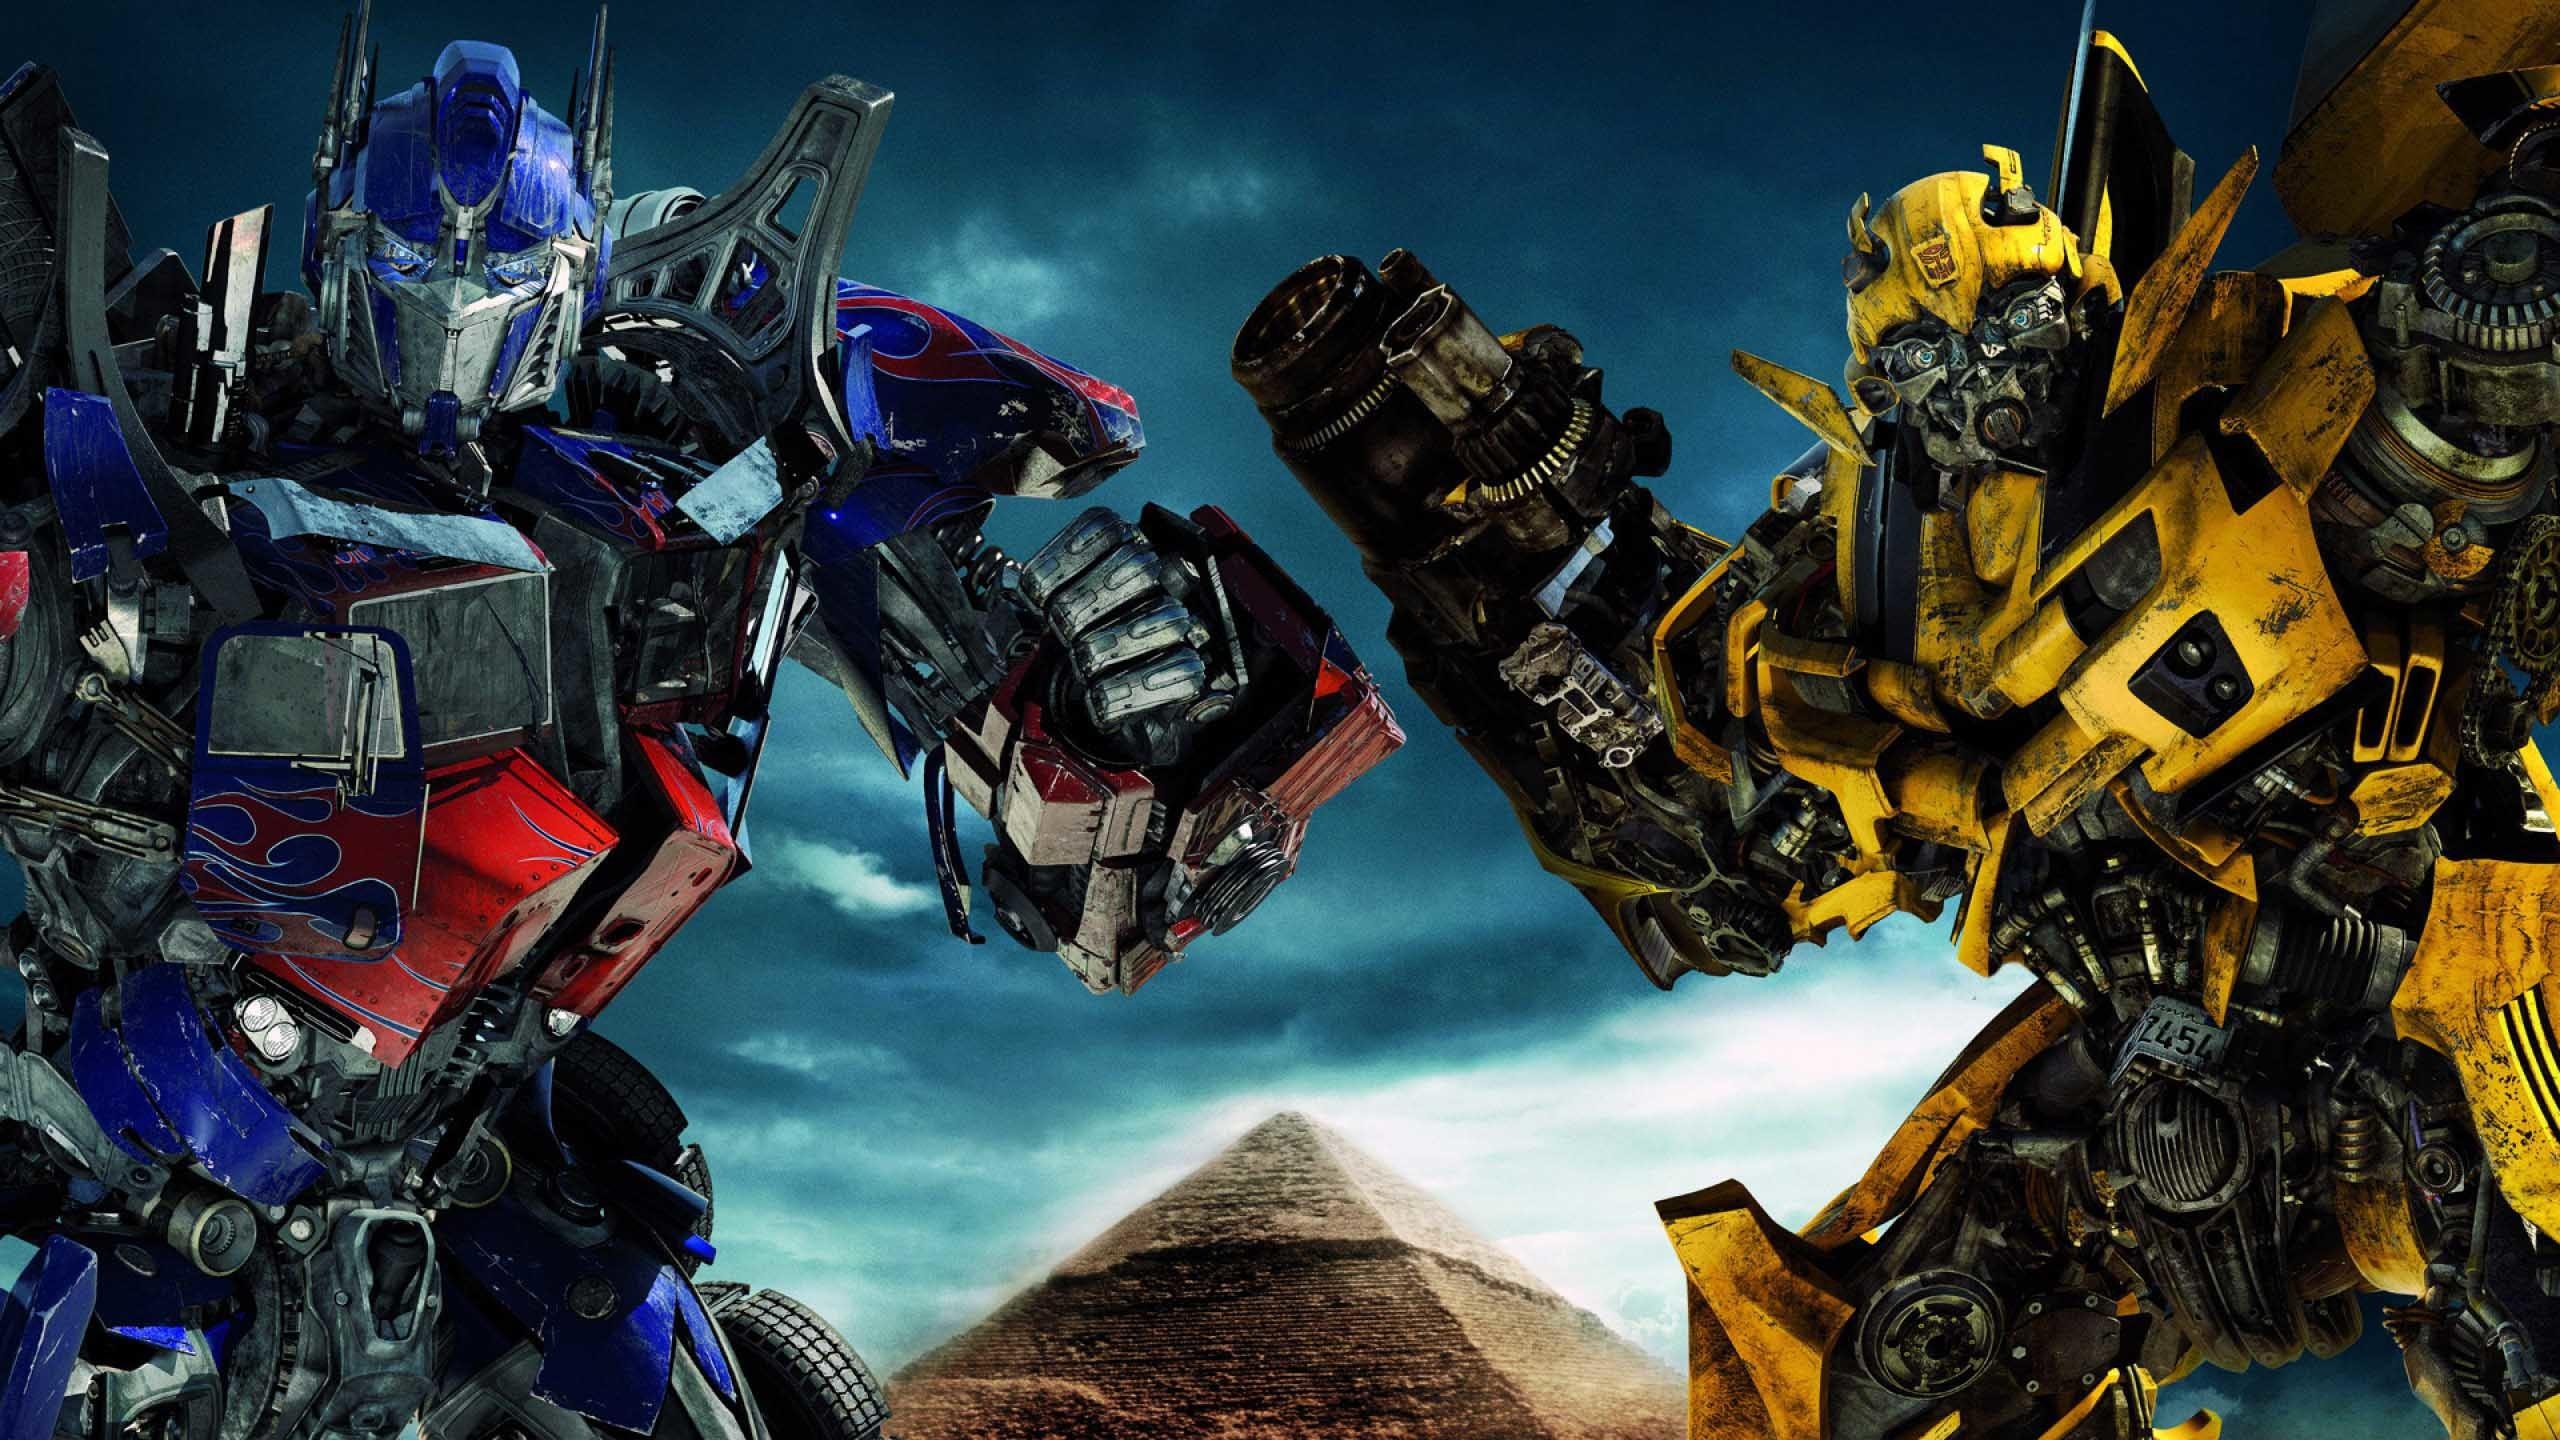 Transformers Optimus Prime Wallpaper Wallpapertag